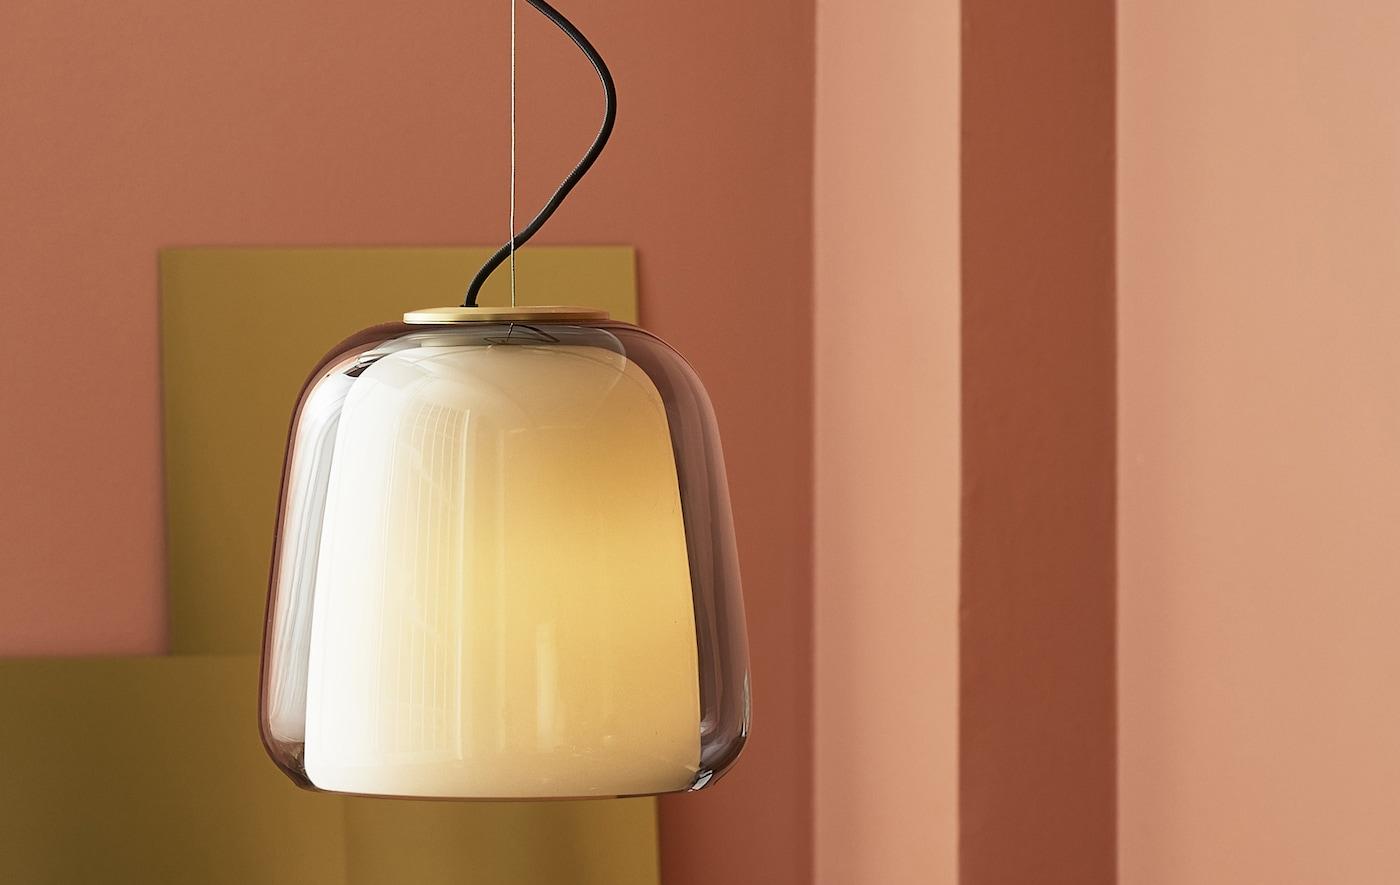 Suspension avec abat-jour en verre double épaisseur avec éléments en cuivre dans une pièce rose.